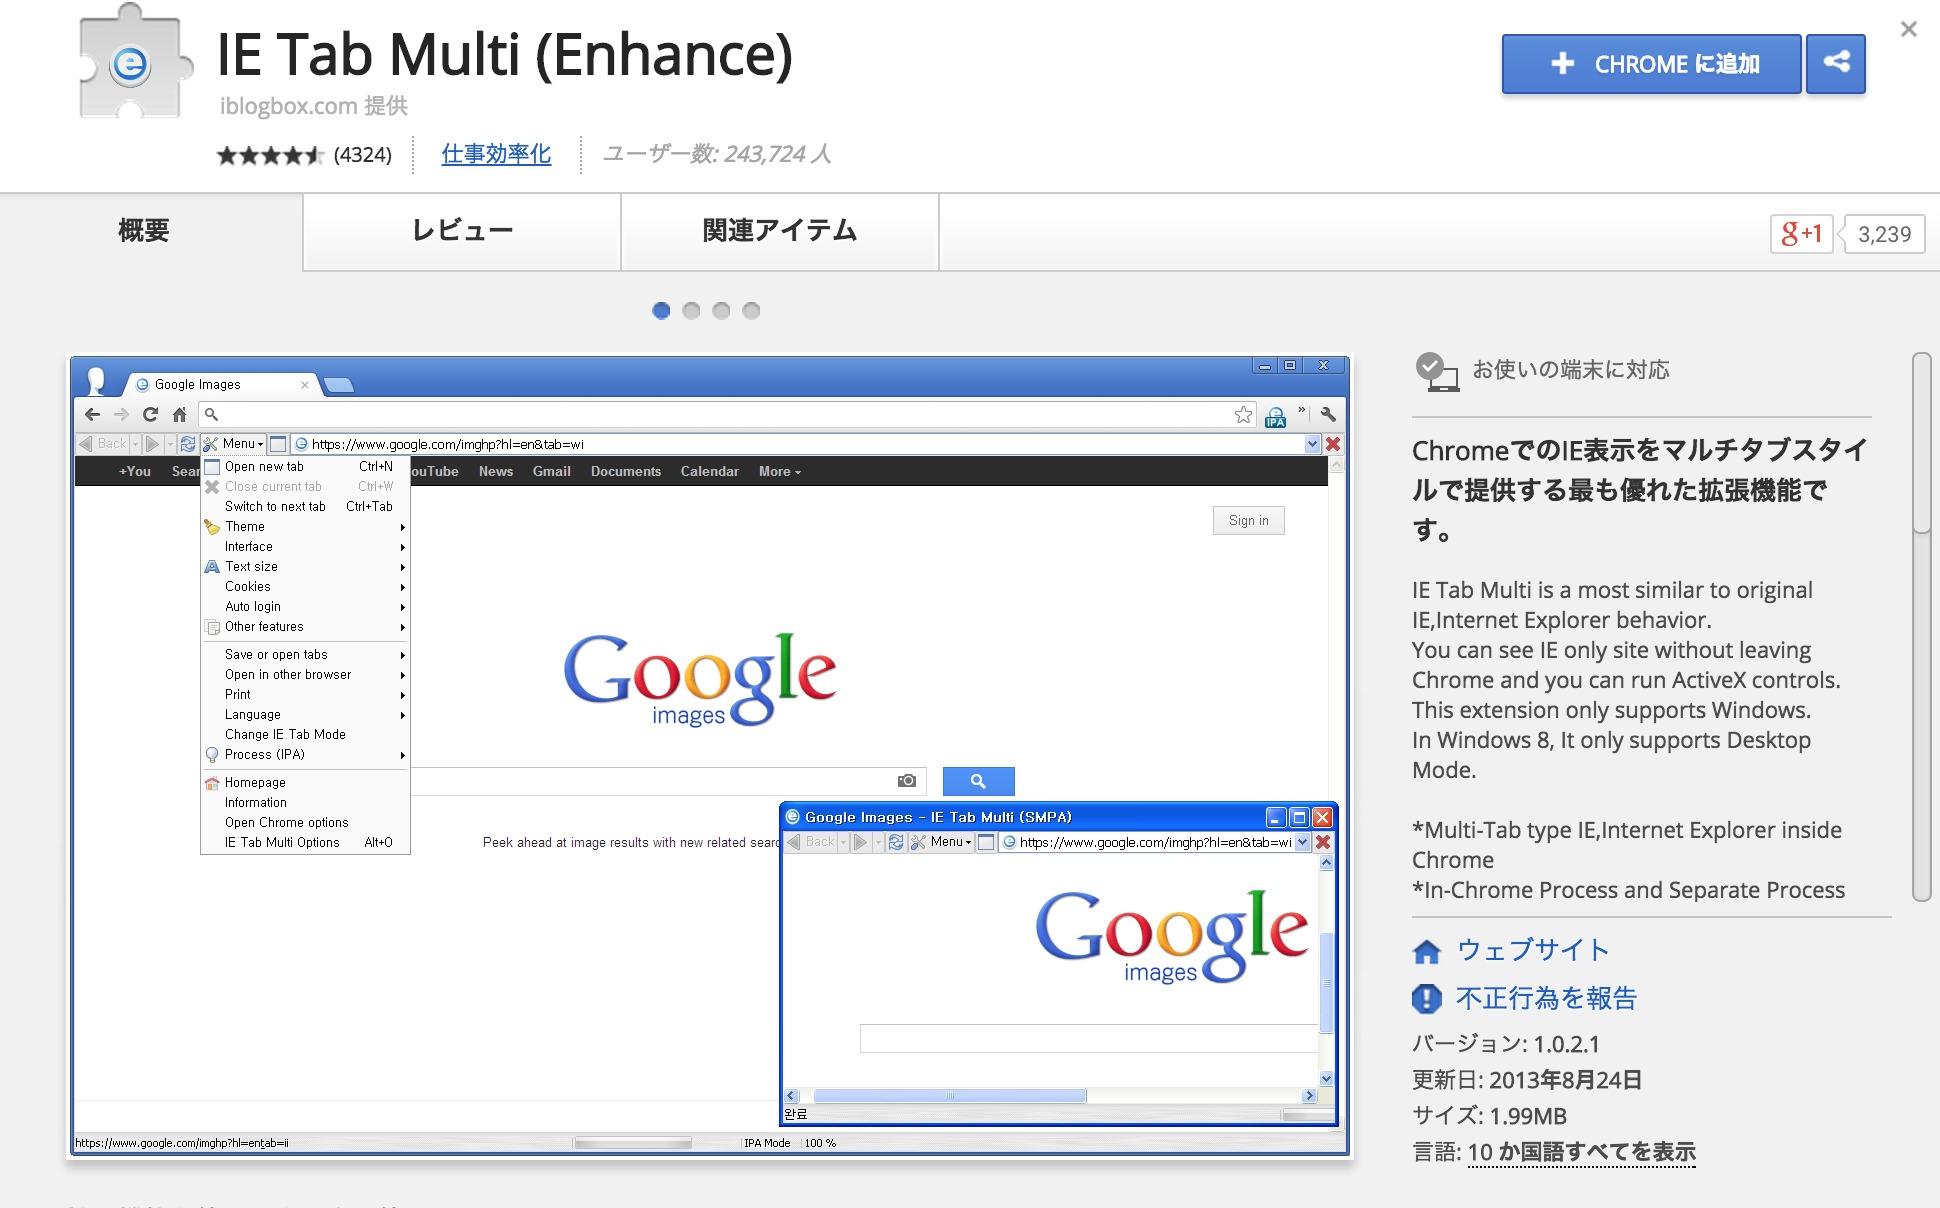 IE Tab Multi (Enhance)